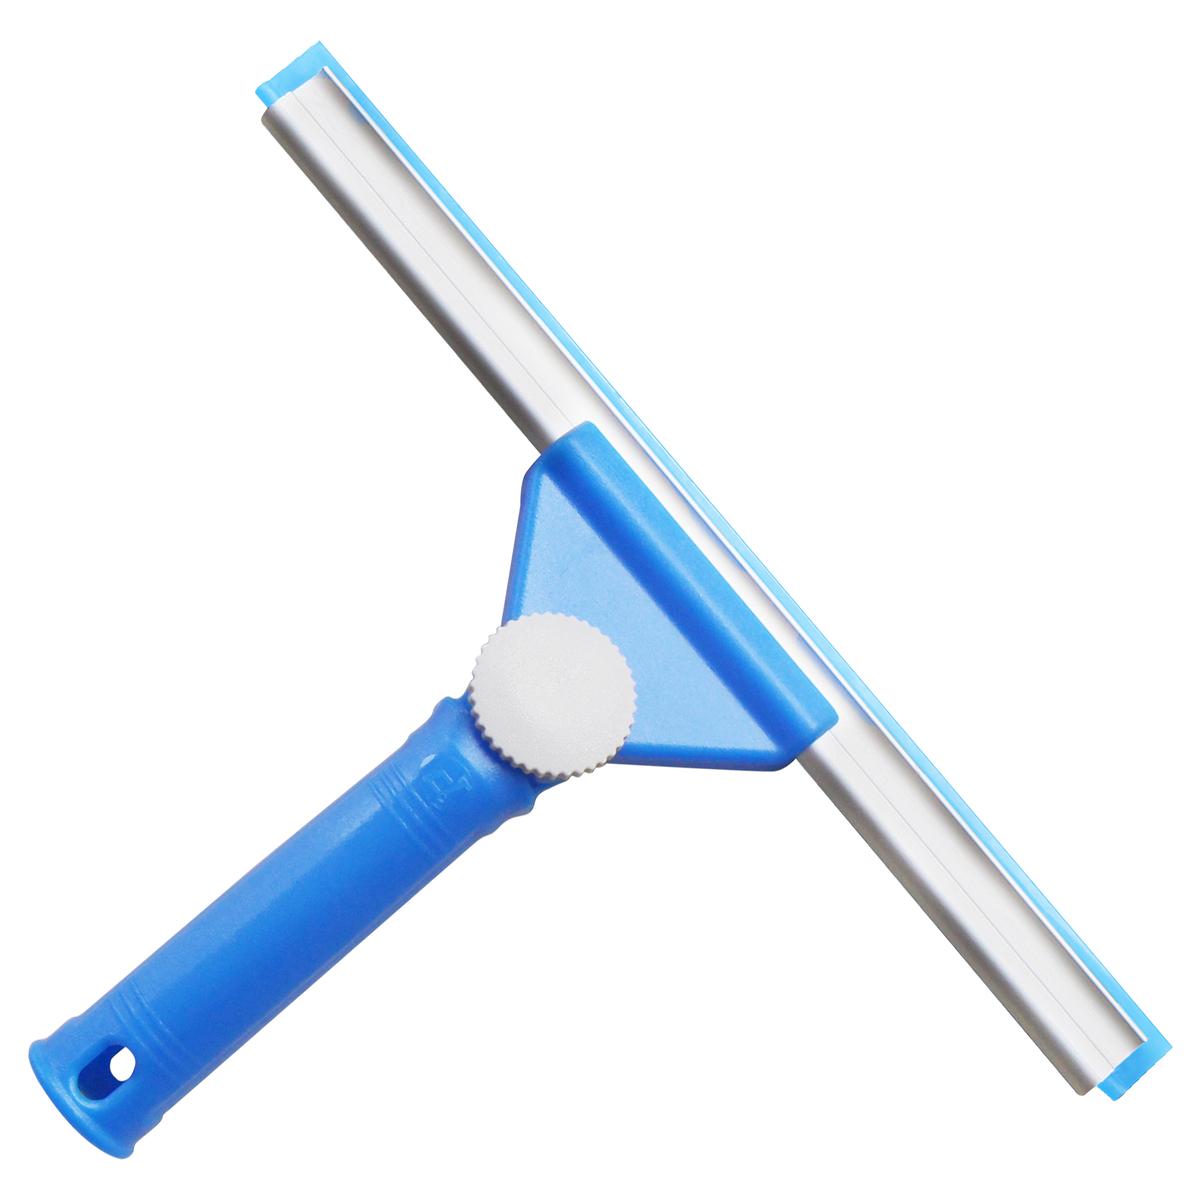 Swivel Window Squeegee, Glass Cleaning Wiper, 30cm